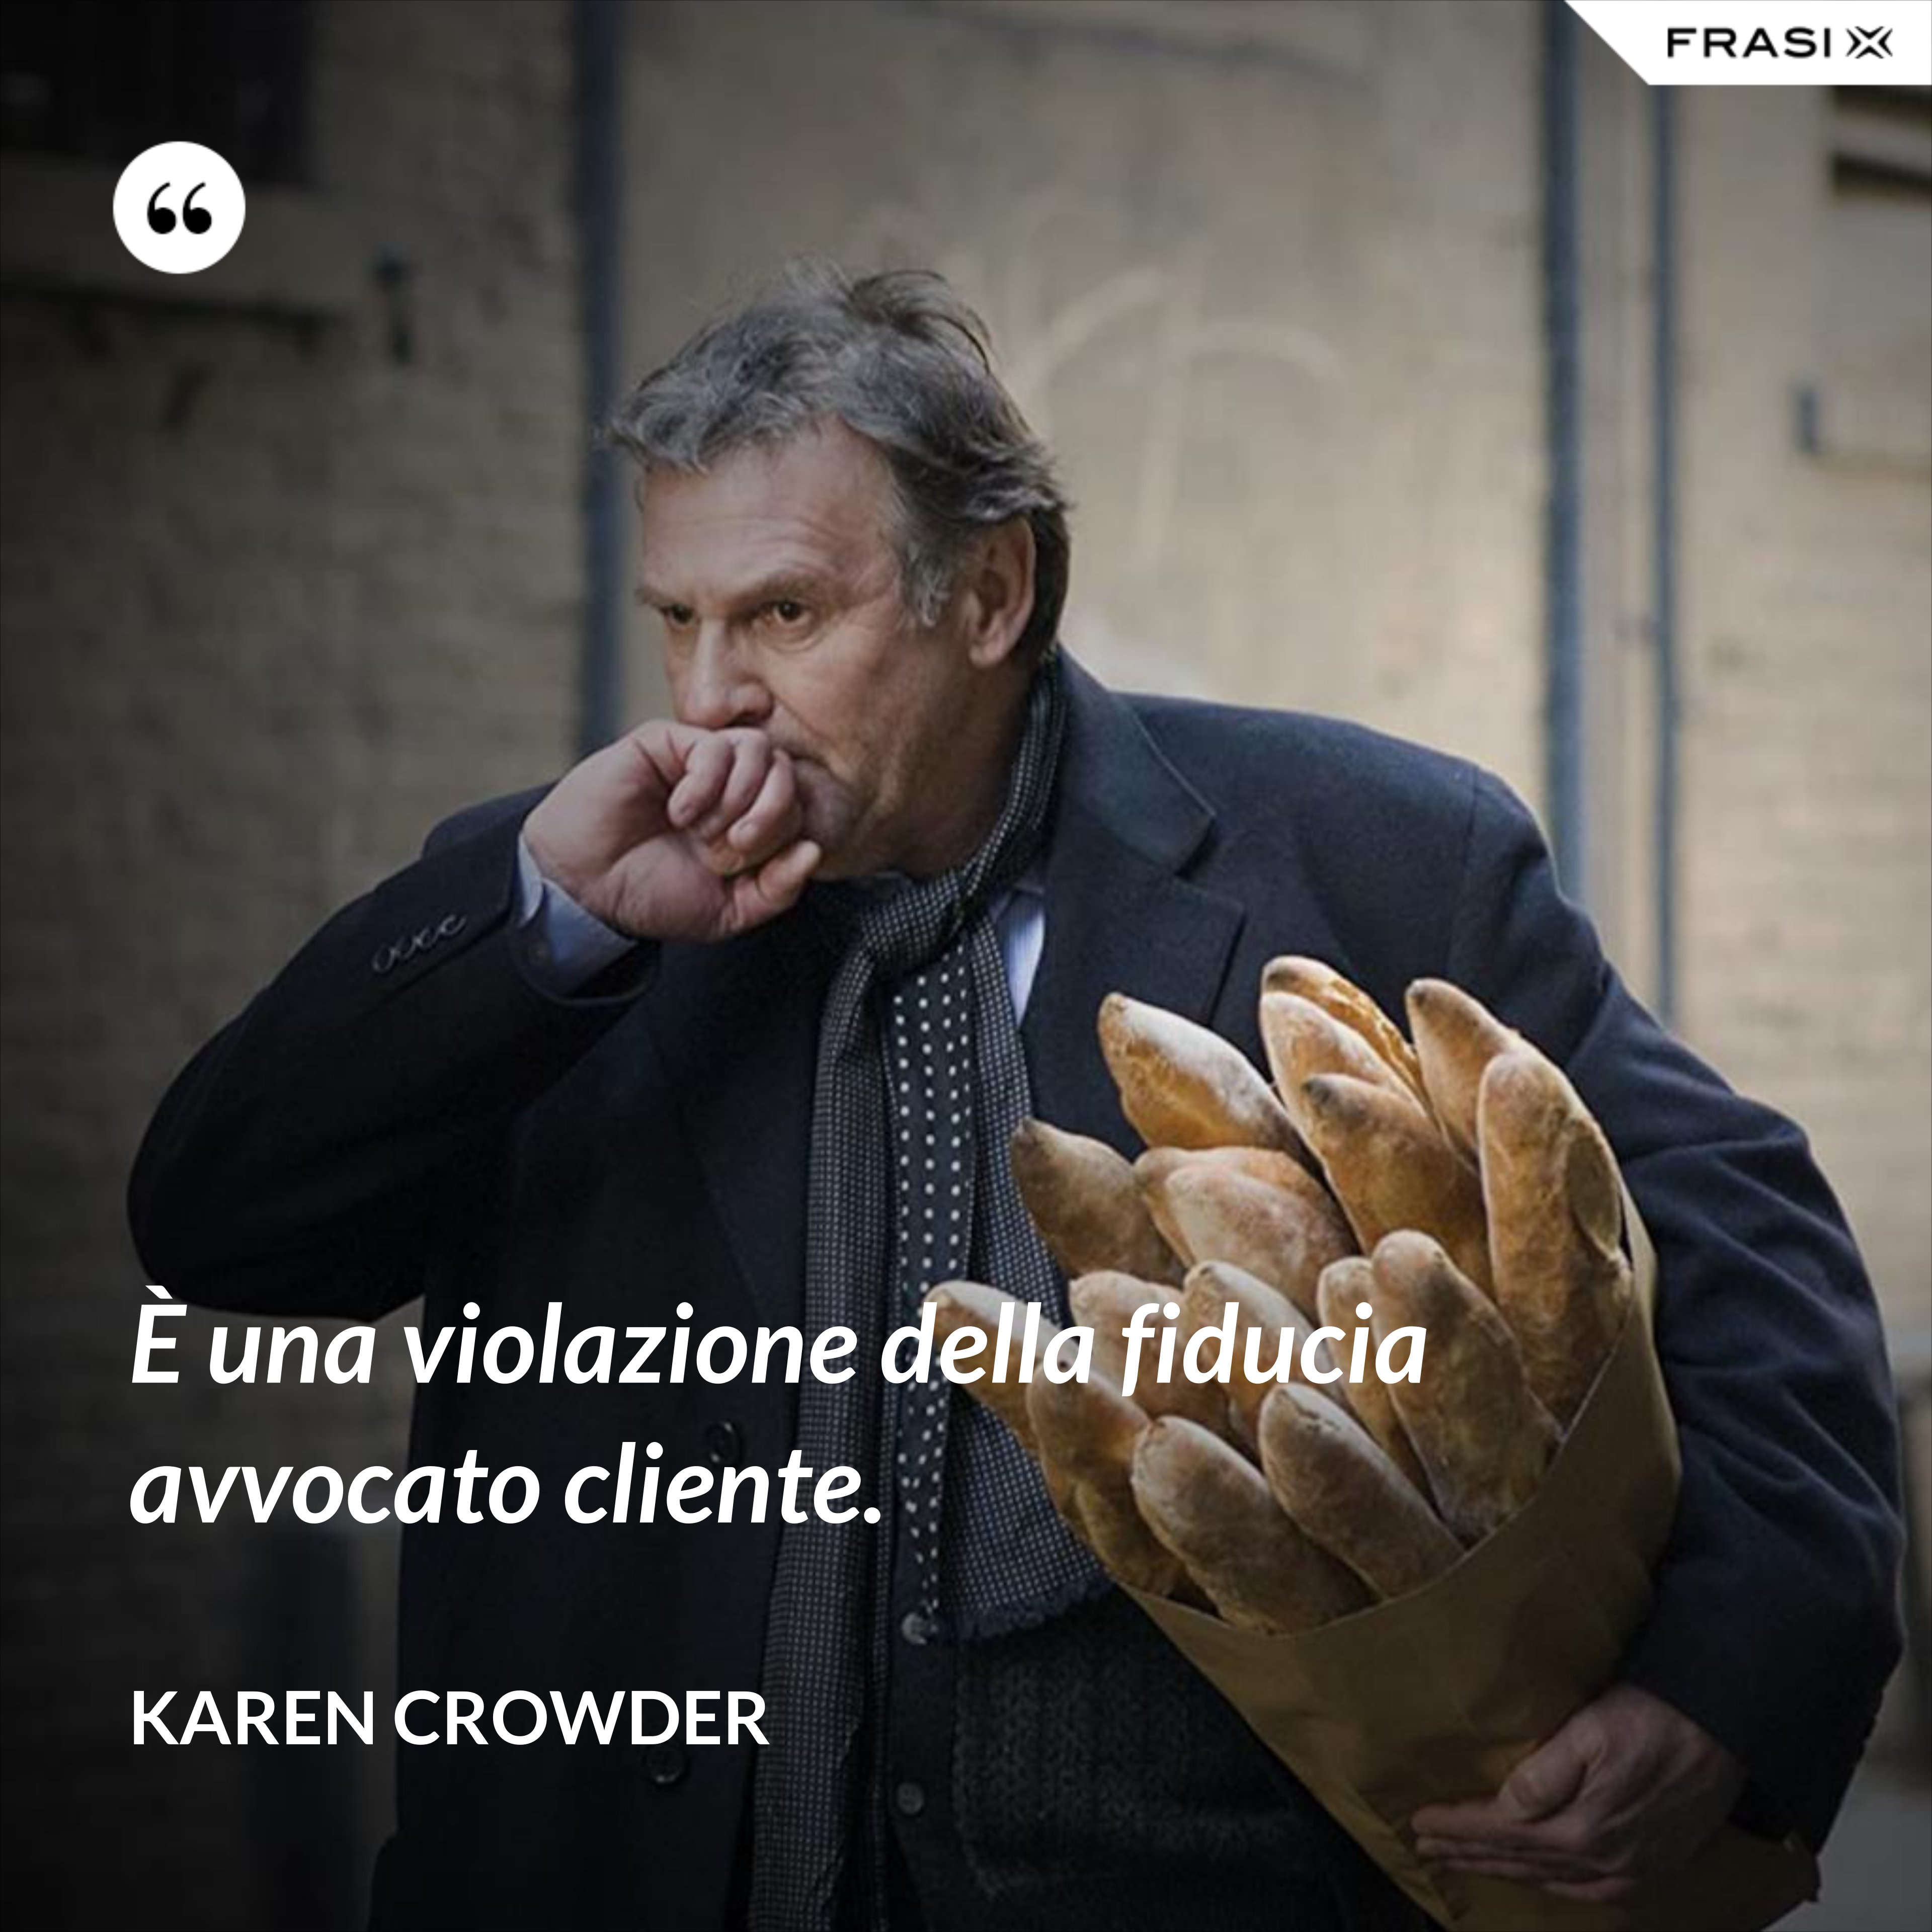 È una violazione della fiducia avvocato cliente. - Karen Crowder